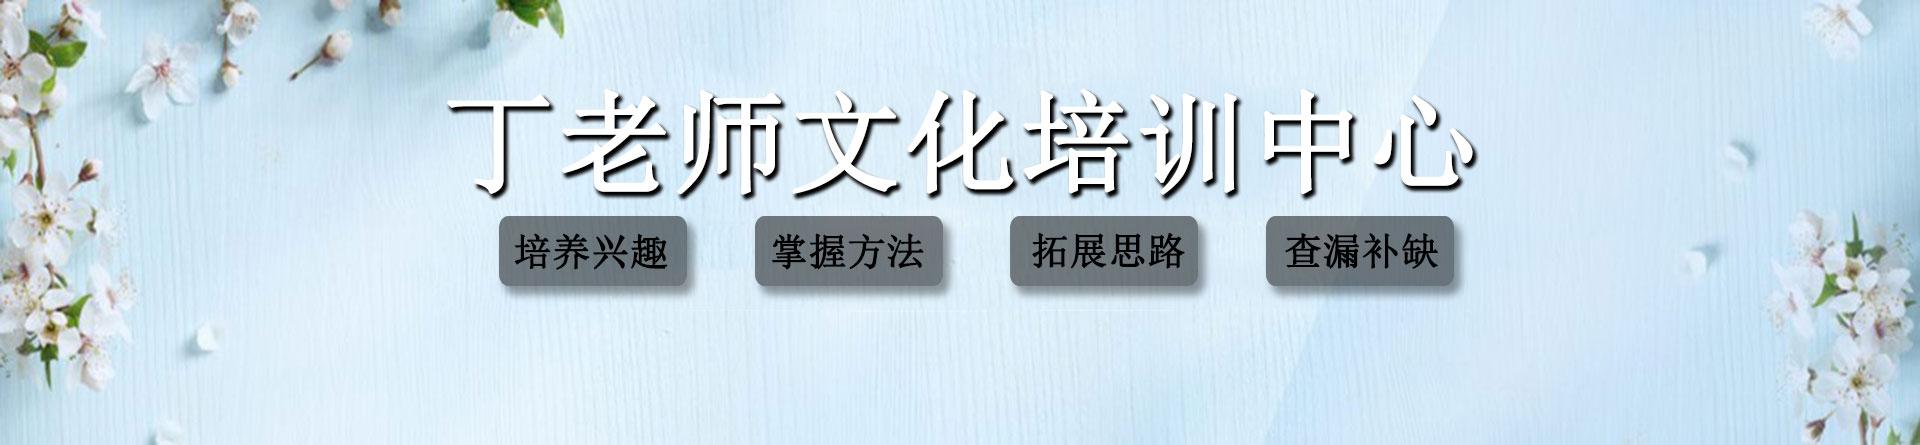 郑州市丁老师文化培训中心